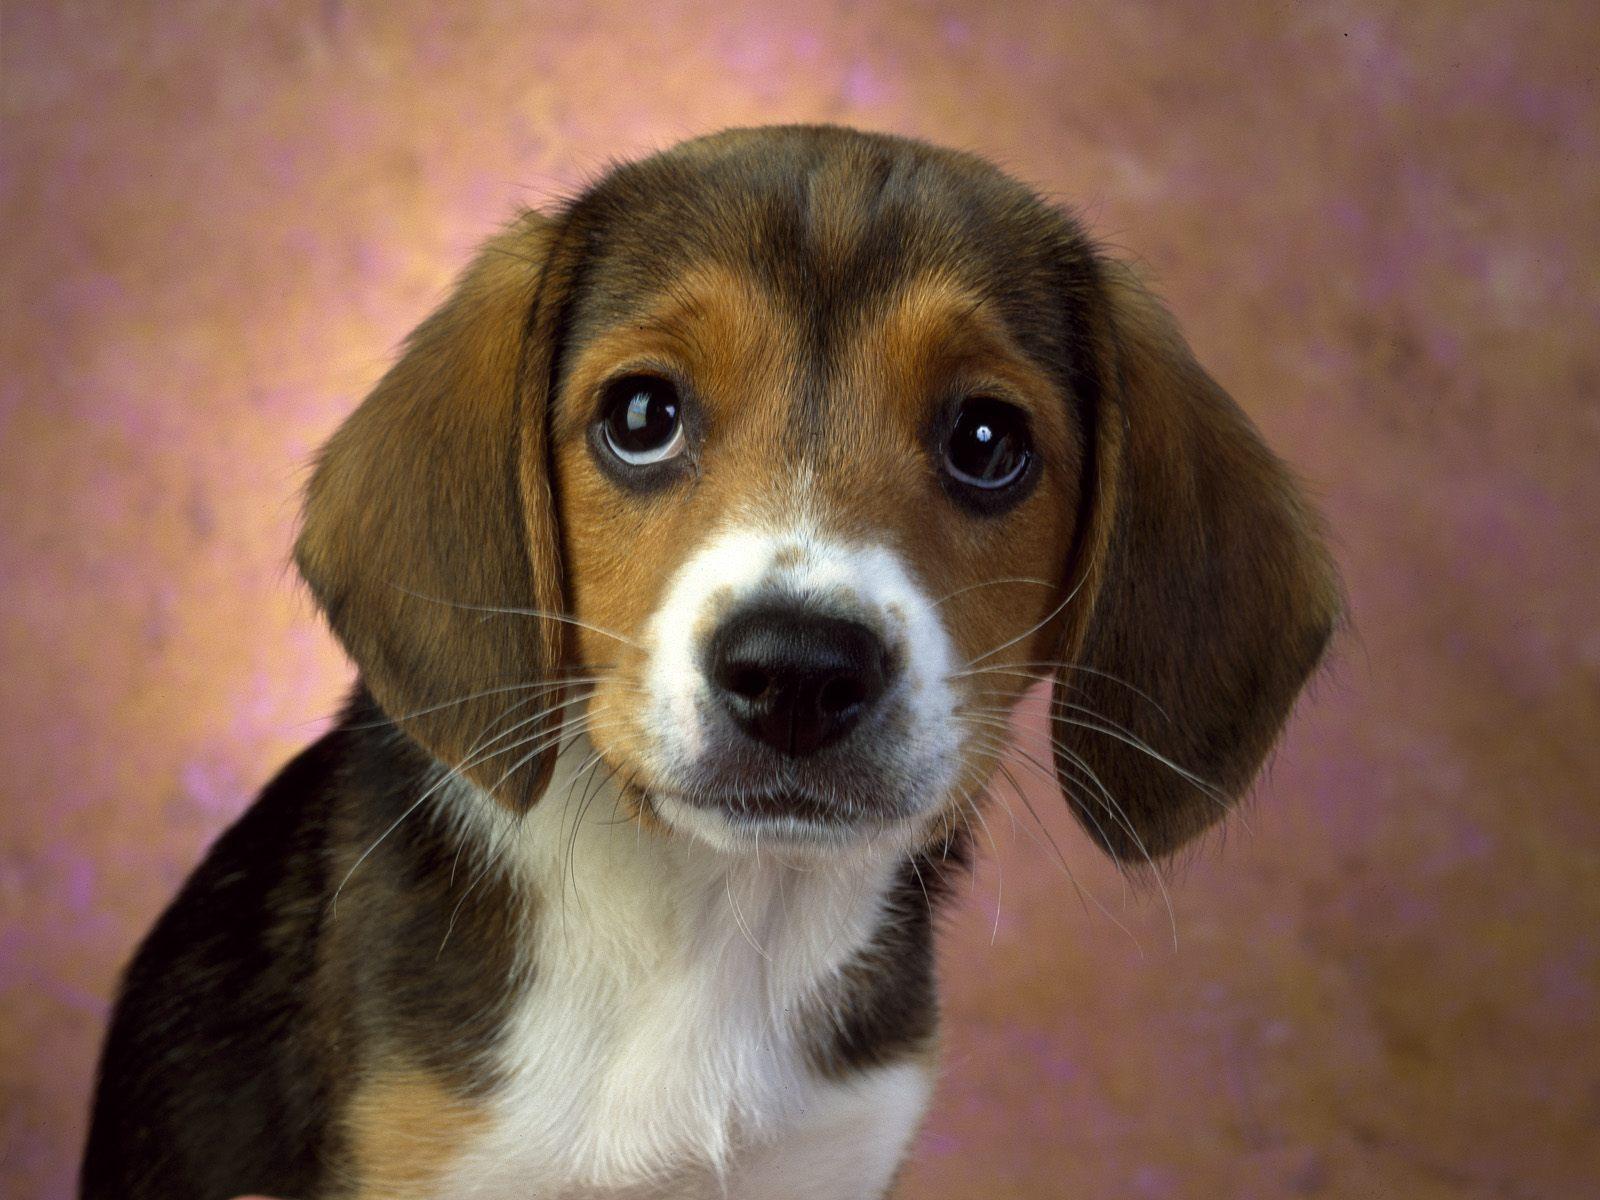 Beagle puppy dog   Hound Dogs Wallpaper 15363092 1600x1200